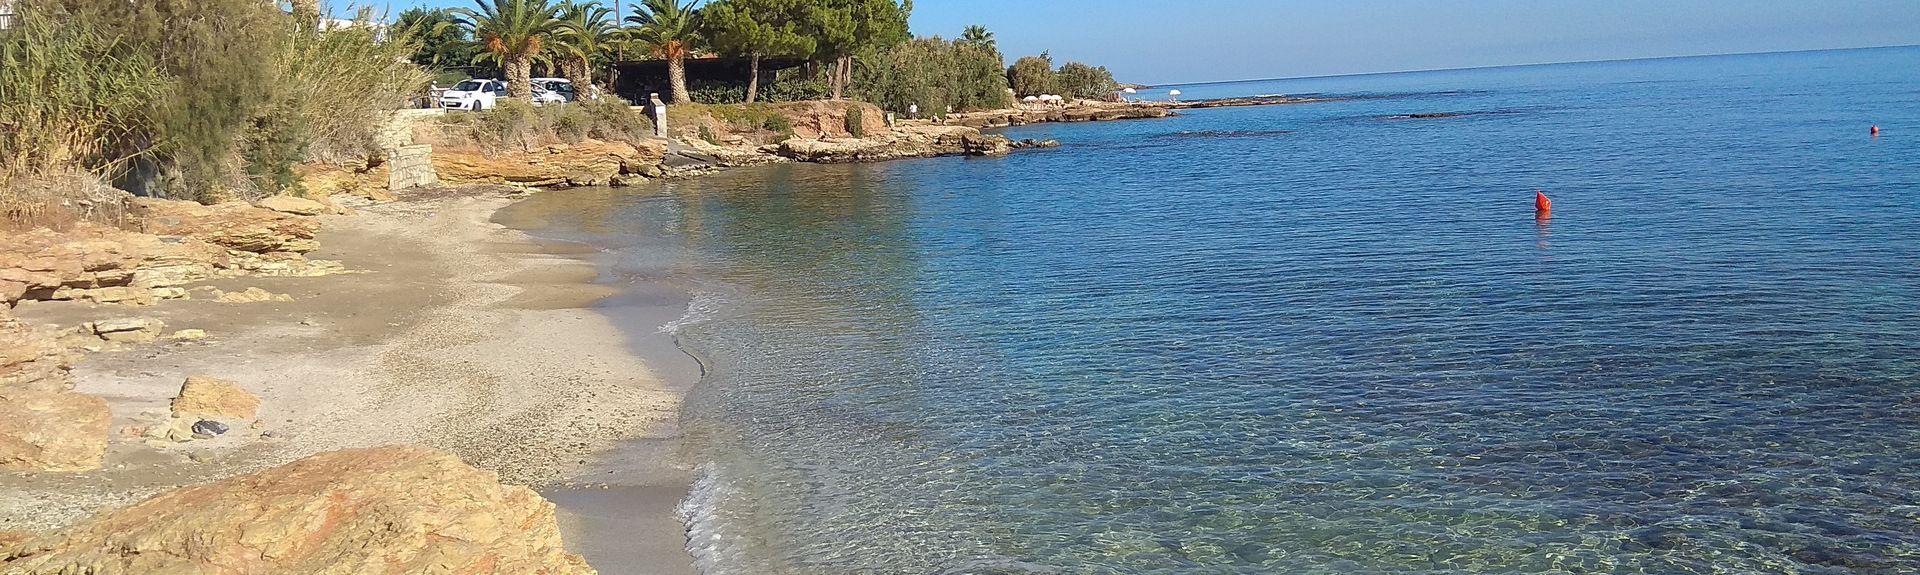 Episkopi, Héraklion, Crète, Grèce